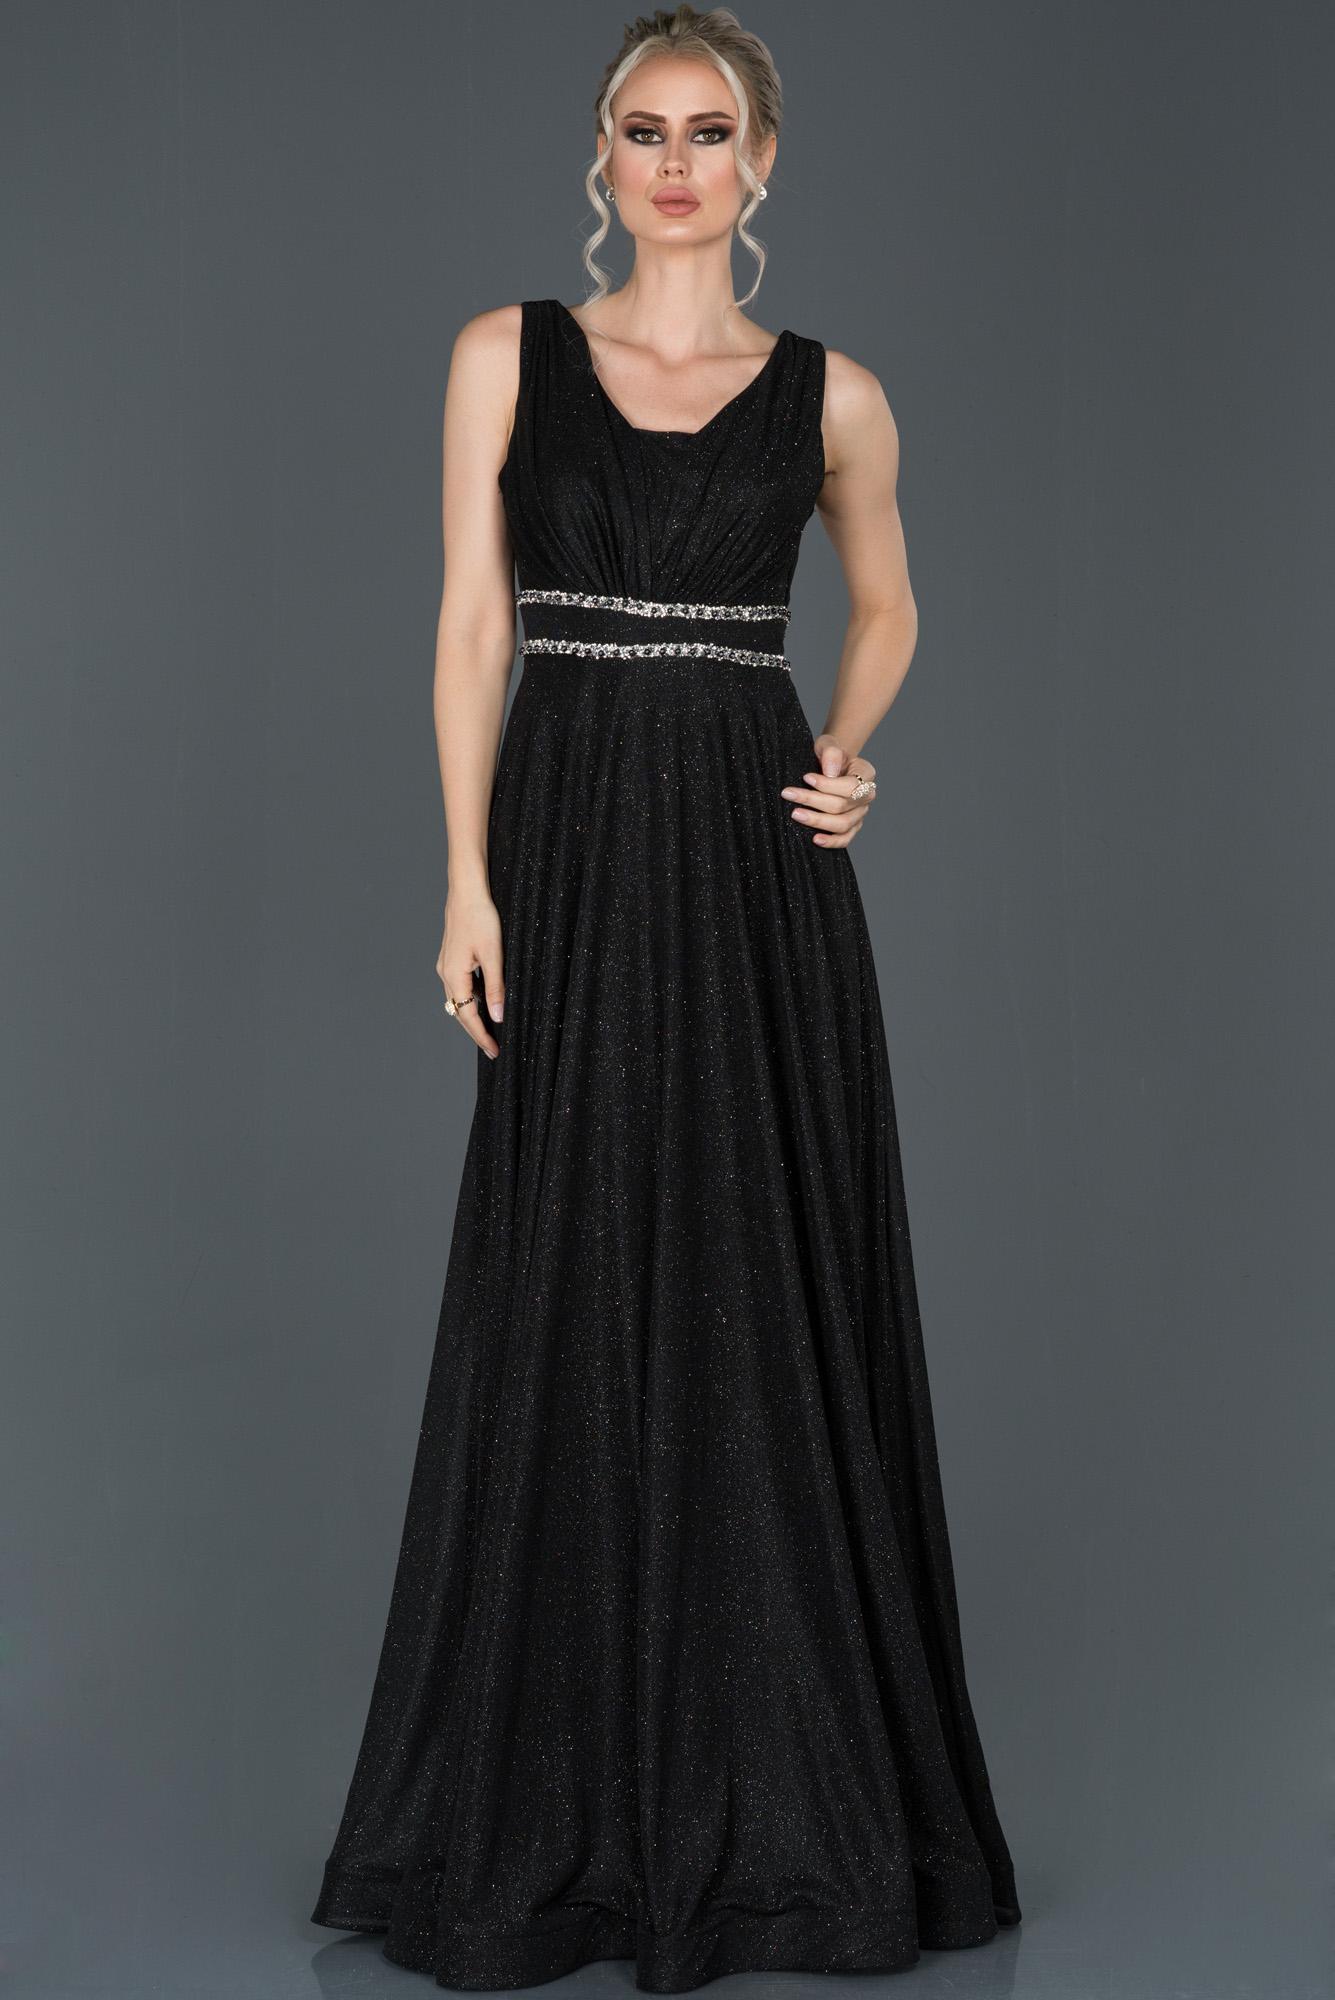 Siyah Uzun Simli Kolsuz Abiye Elbise